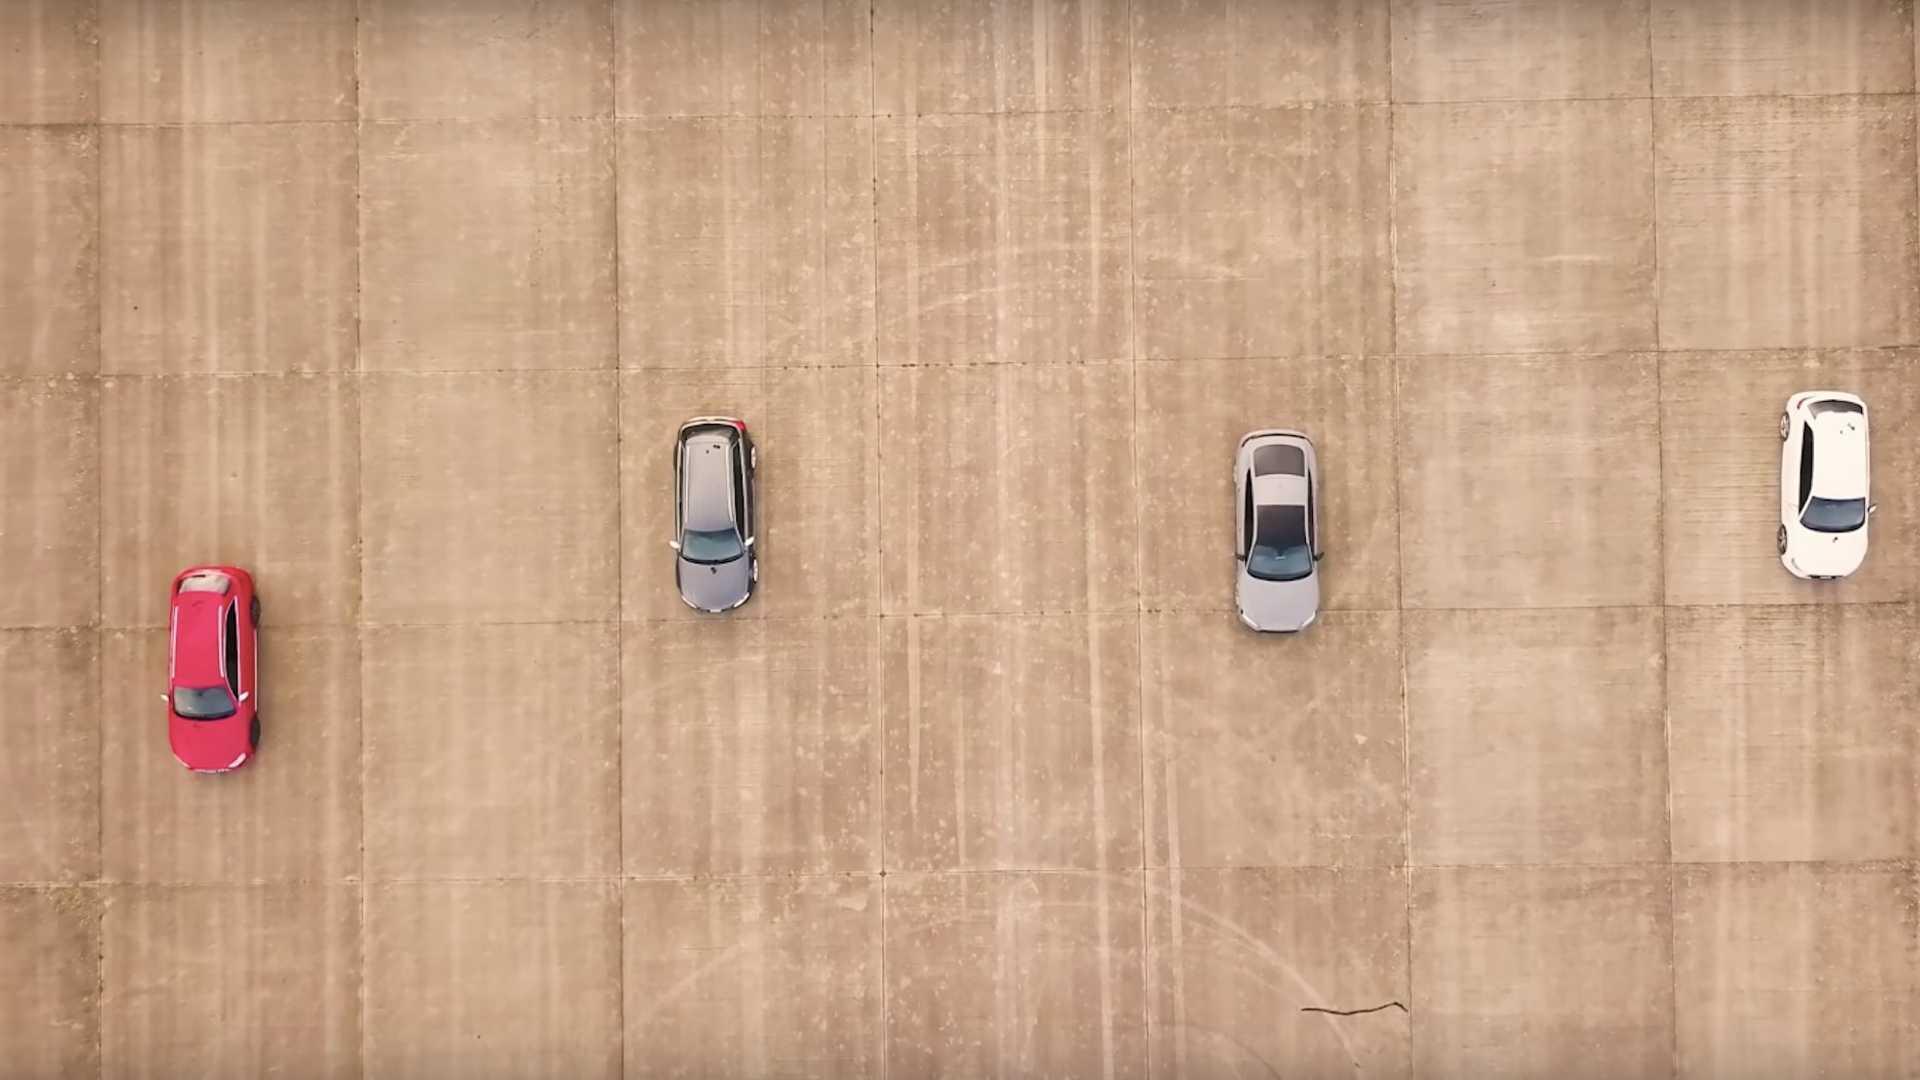 Audi RS5 vs RS3 vs S4 vs old RS4 drag race ends predictably